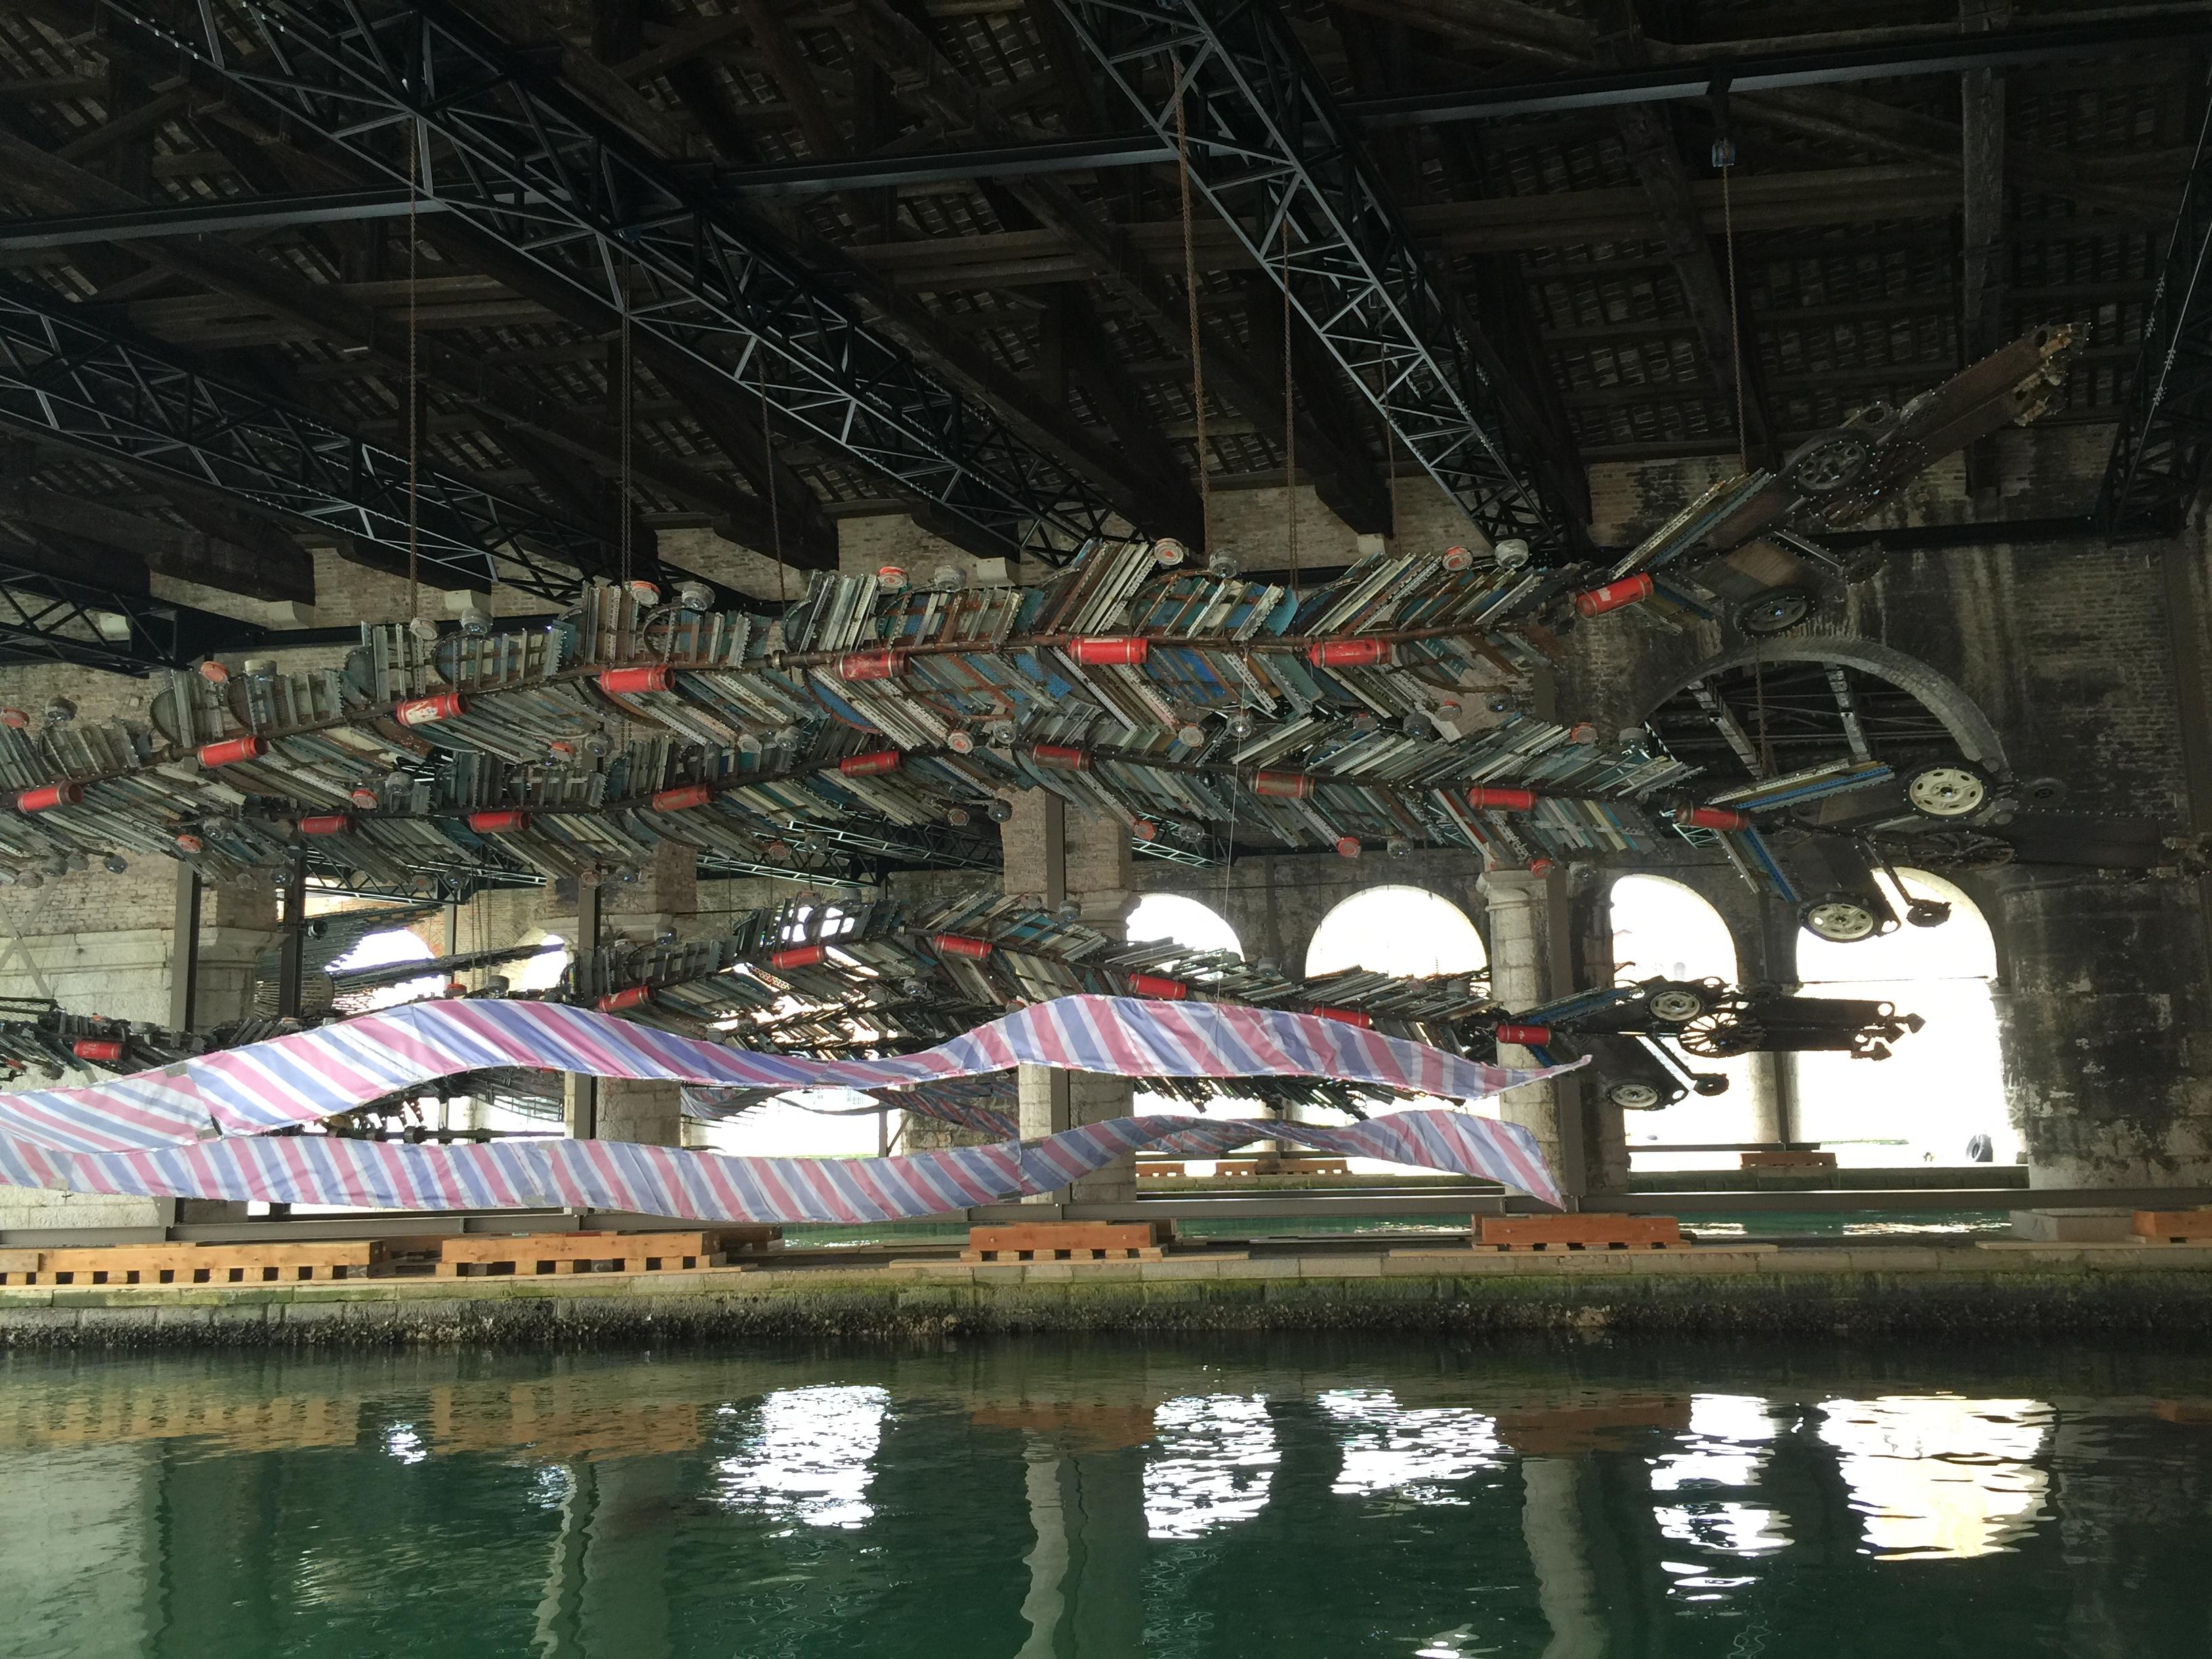 威尼斯双年展徐冰装置艺术《凤凰》